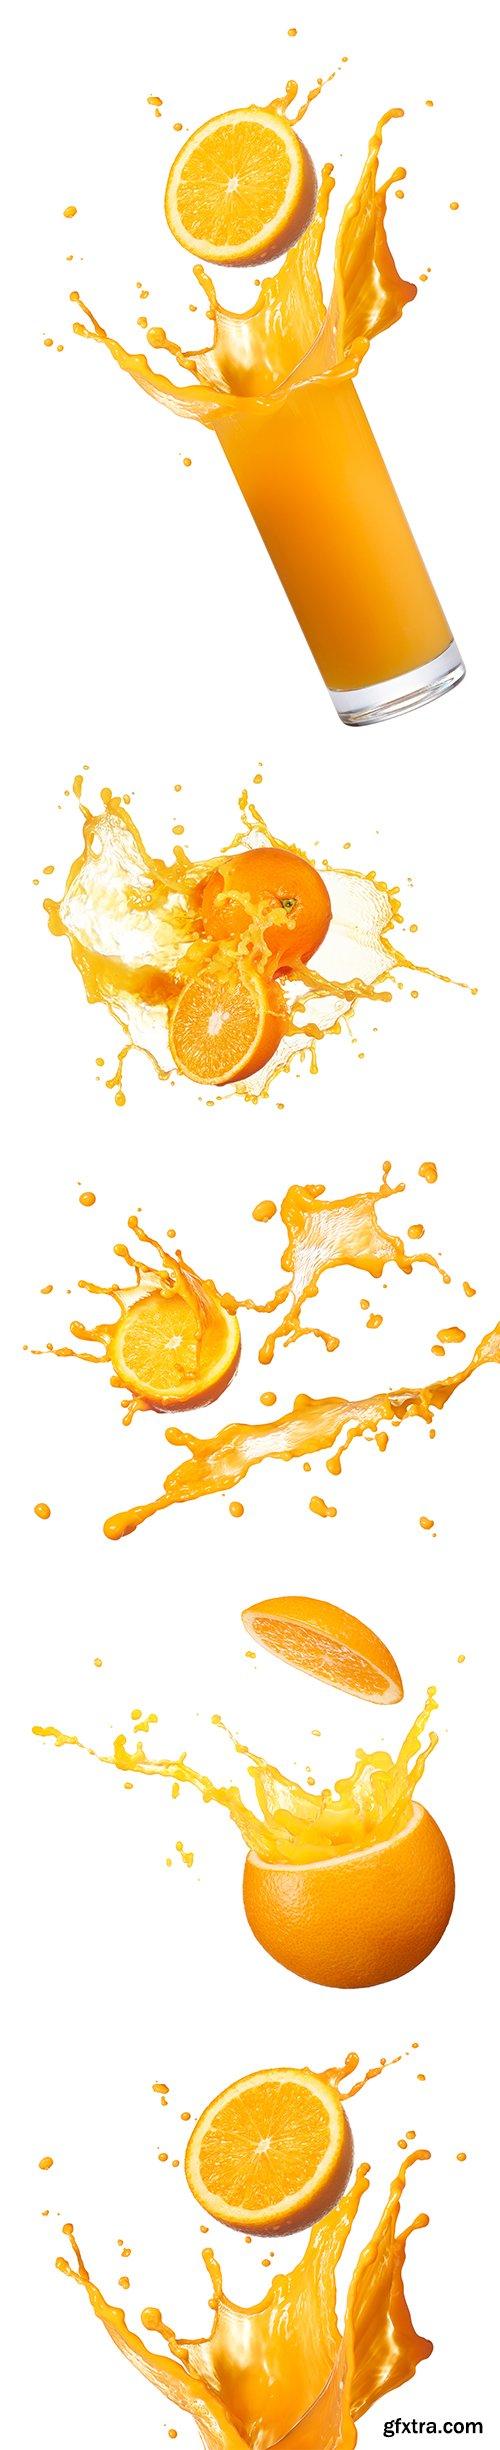 Orenge Juice Splash Isolated - 12xJPGs